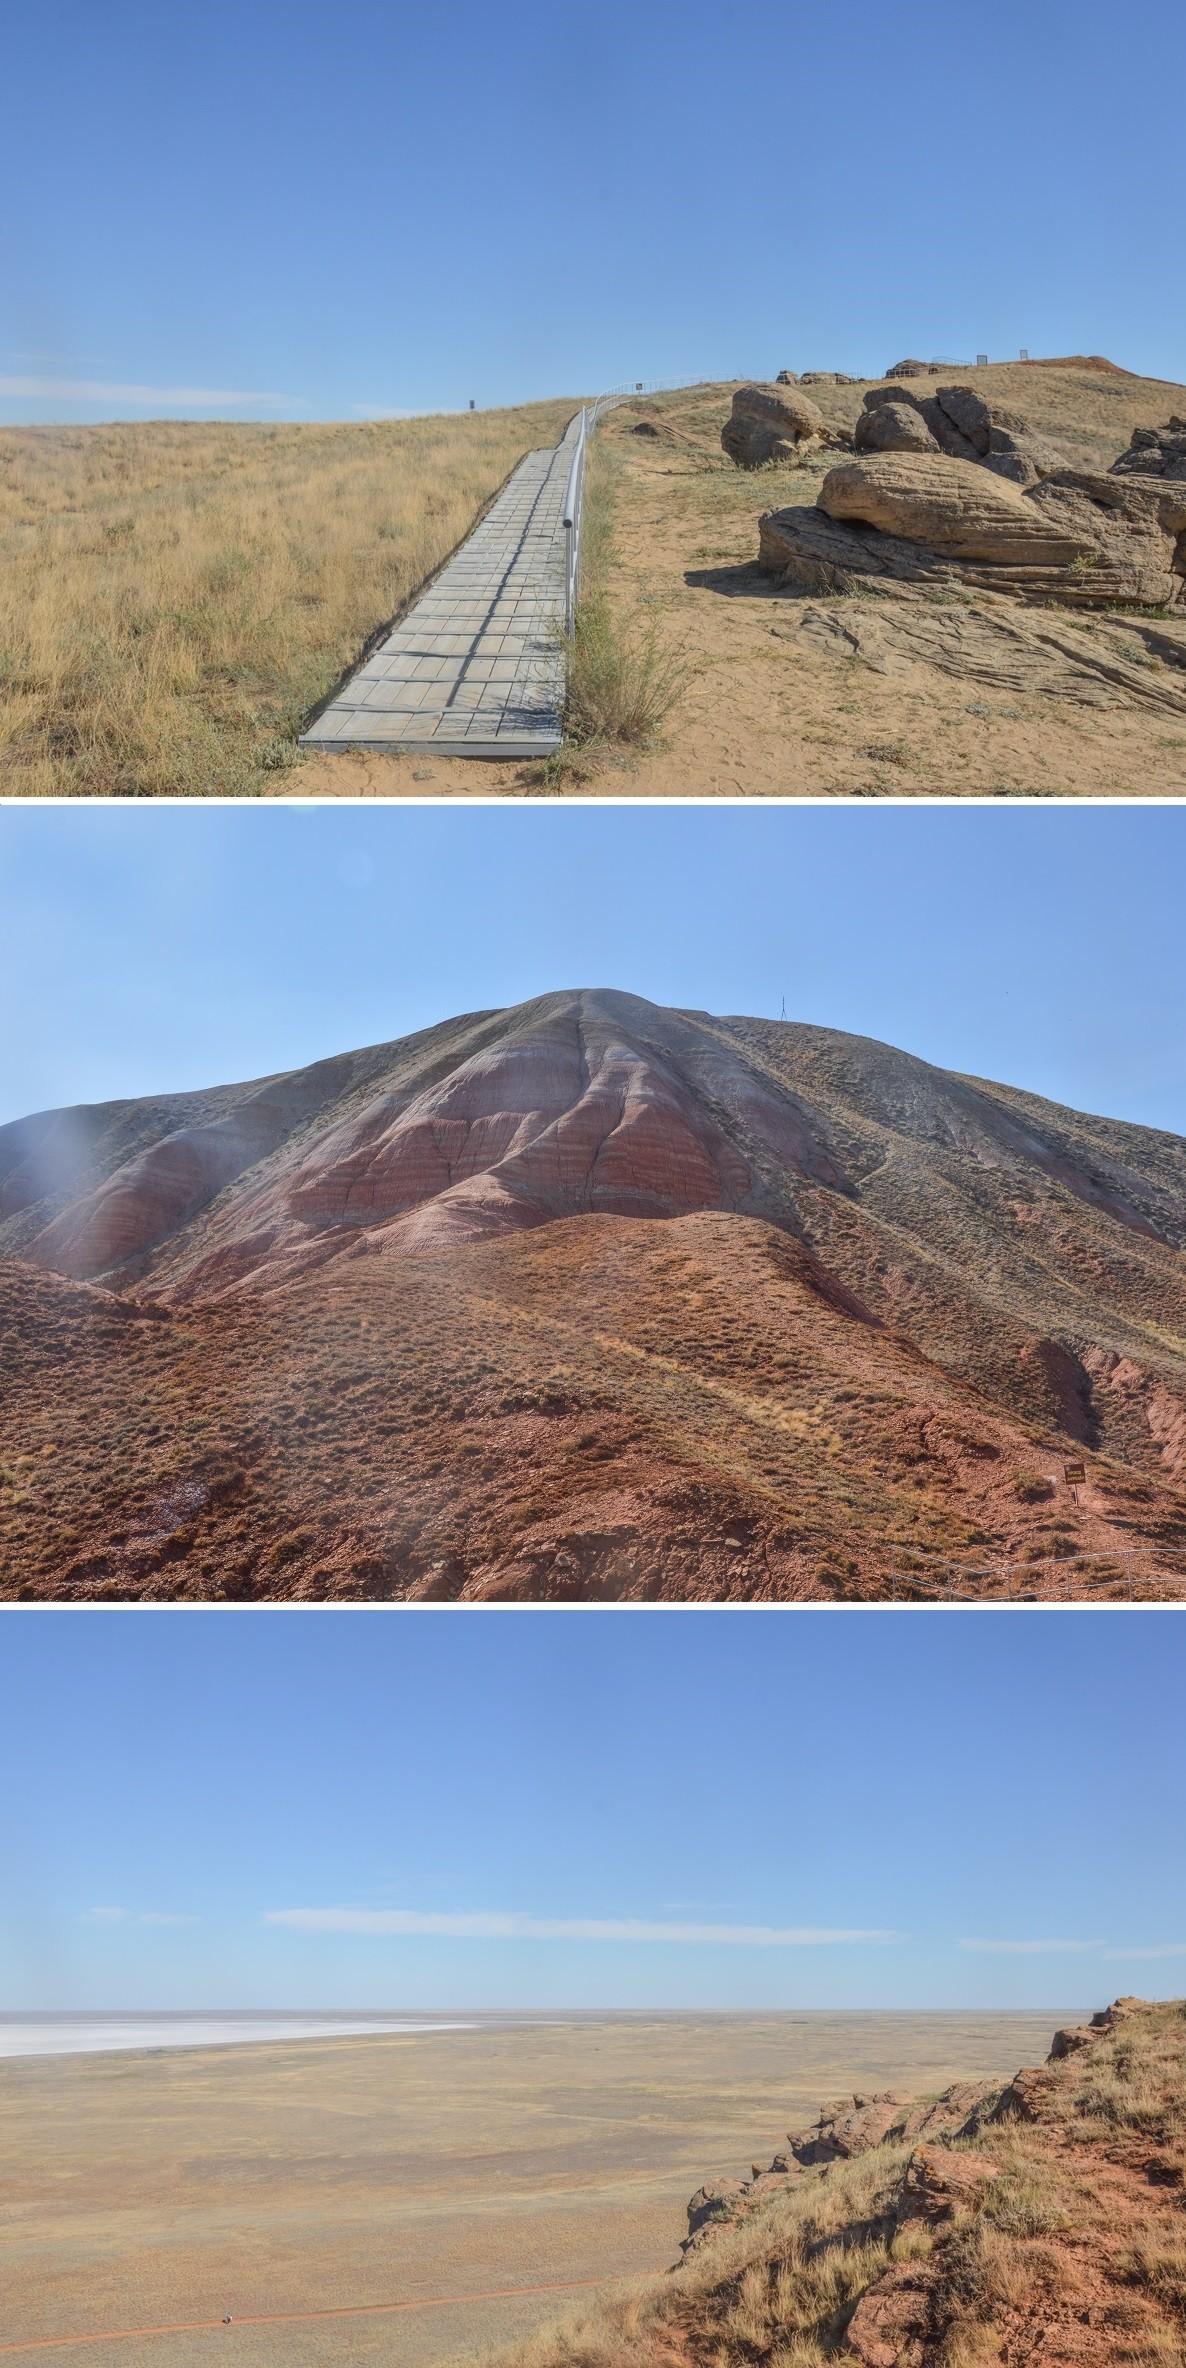 Surprenante de rouge, cette montagne aux cimes arrondies s'accorde à merveille avec le visage des visiteurs, étouffant par une chaleur de plus de 40° en cette fin de mois d'août.